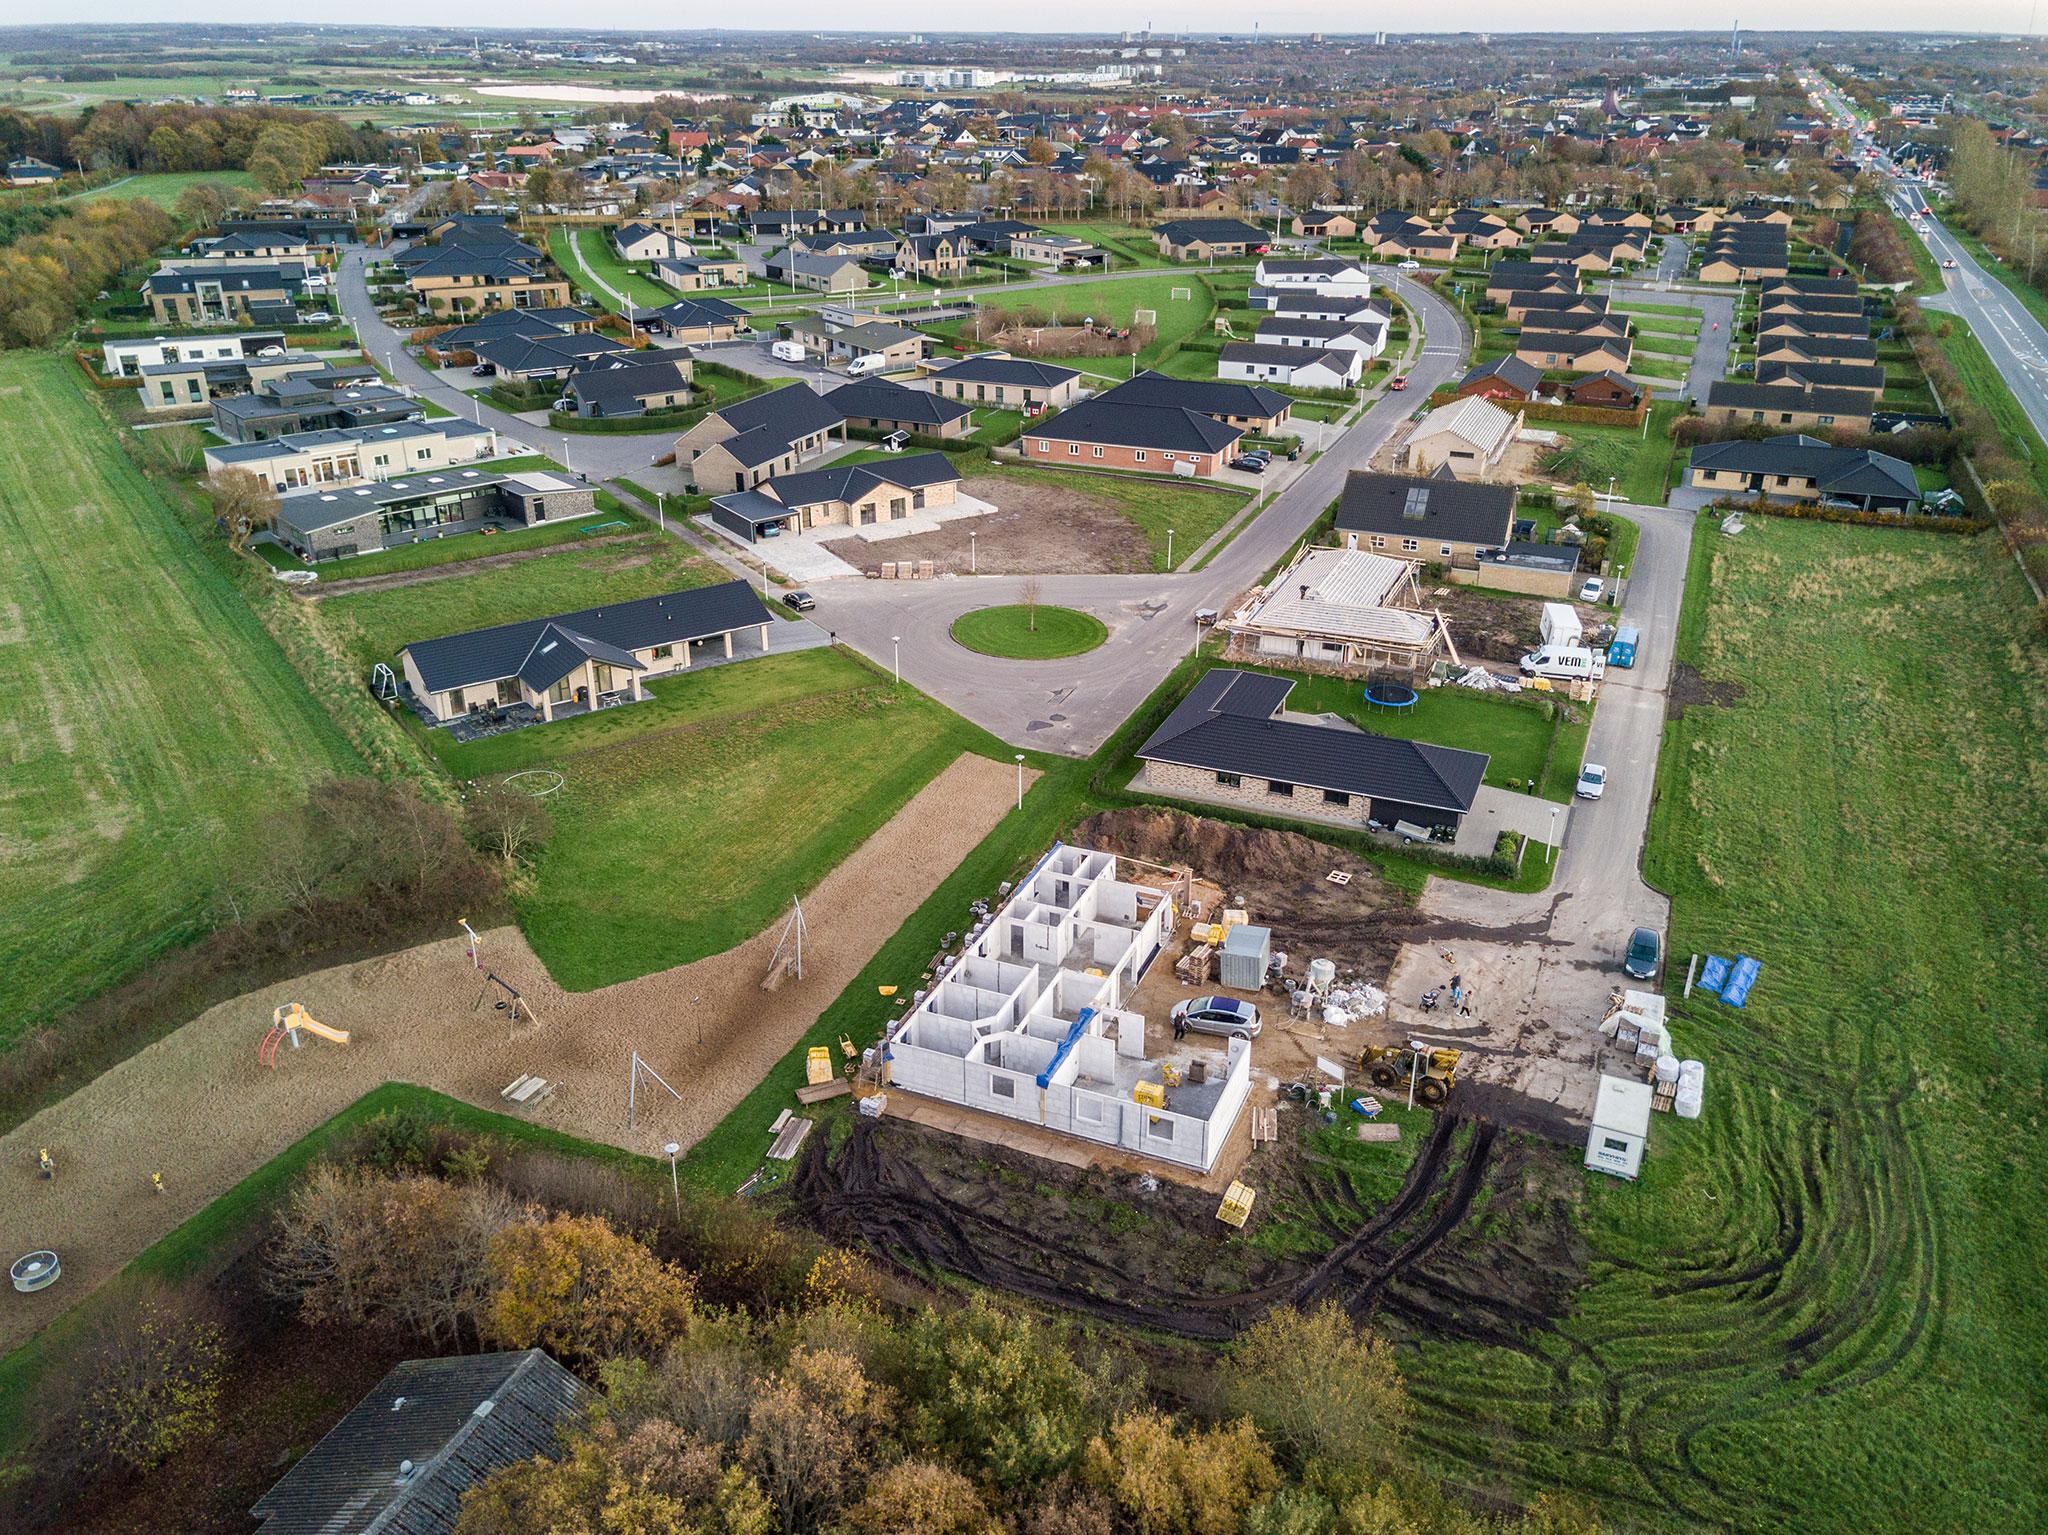 Dronefoto fra Herning